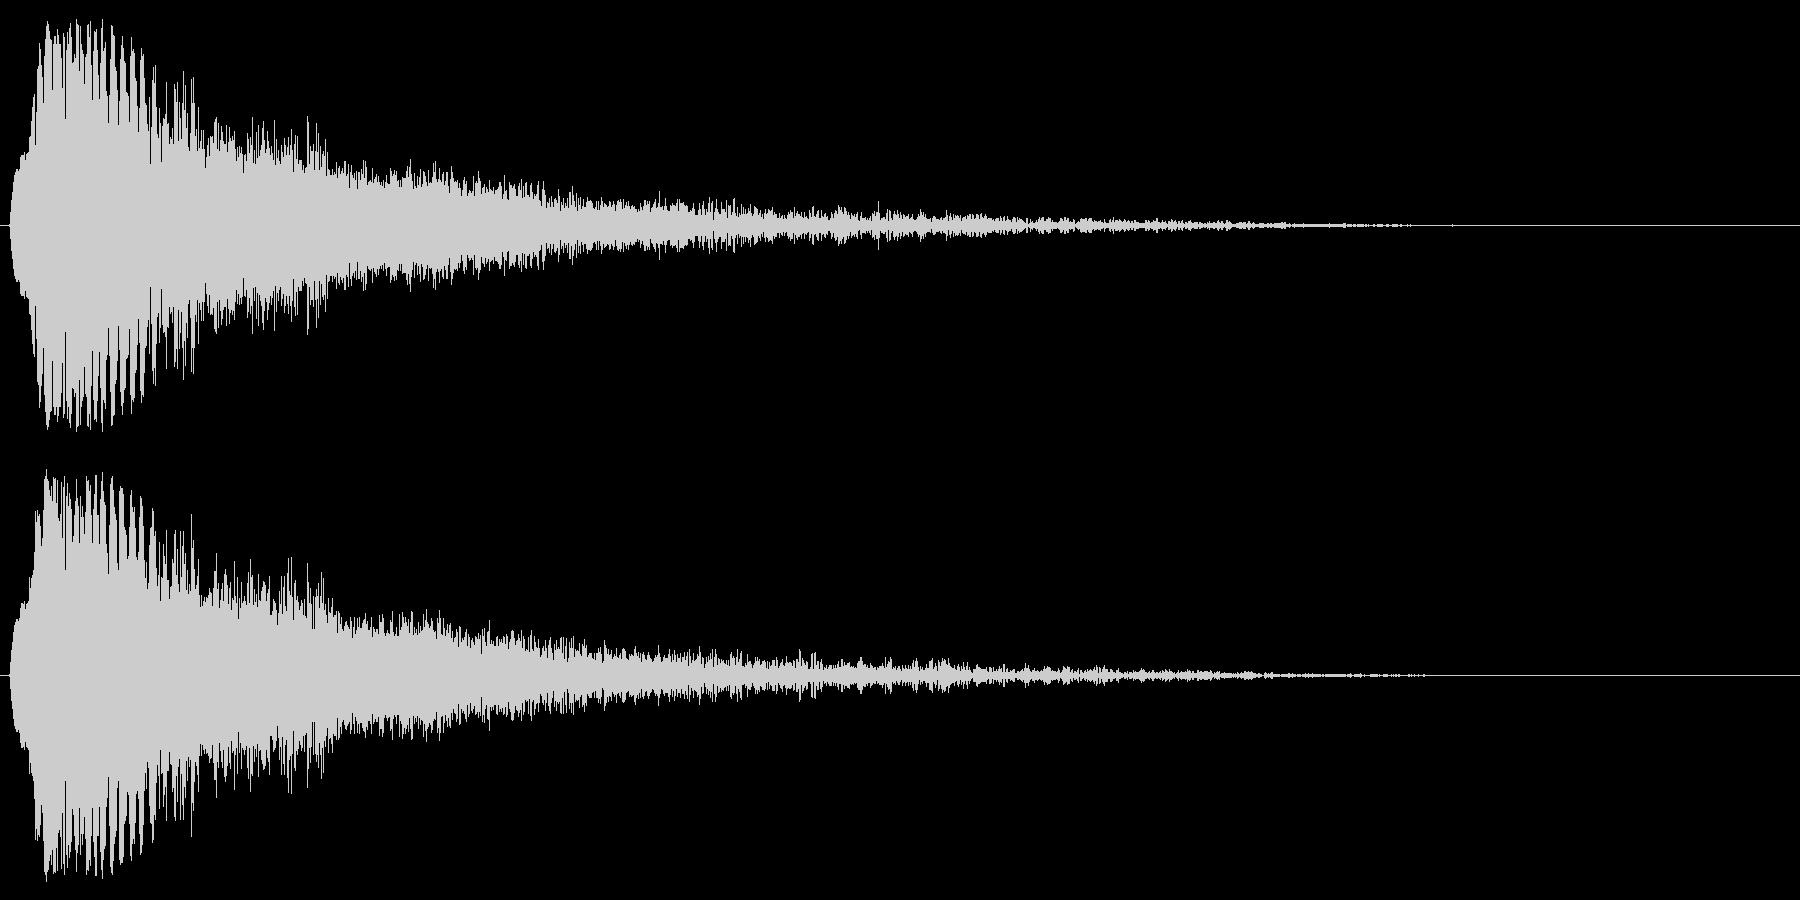 レーザービーム・電撃などの衝撃2の未再生の波形